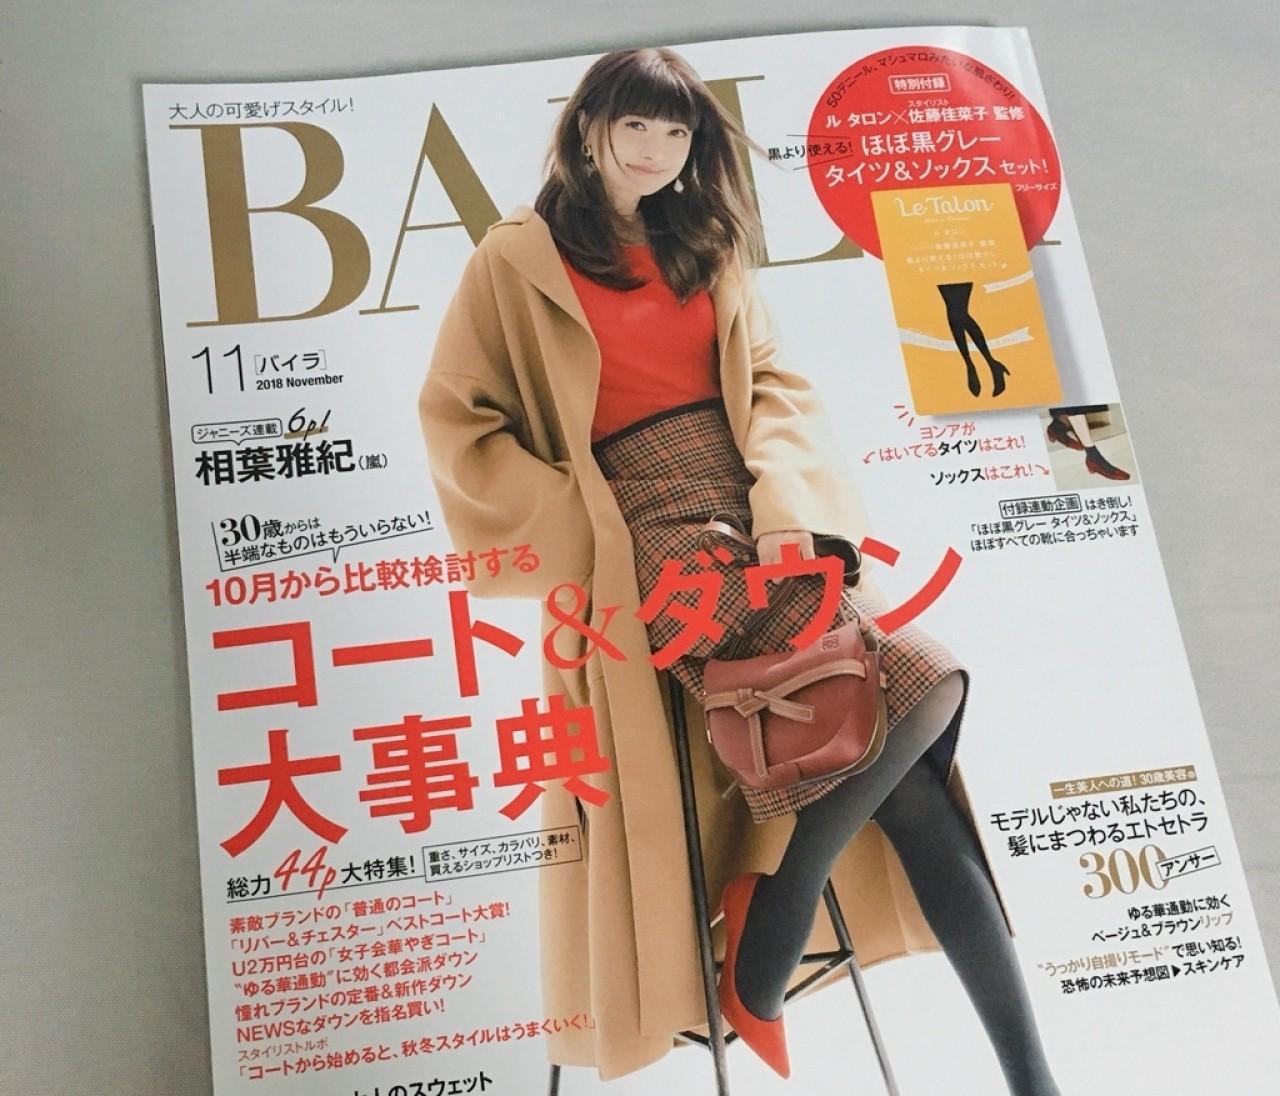 【BAILA11月号】付録:どんな服でも似合うほぼ黒グレーのタイツ&ソックスの2足付き